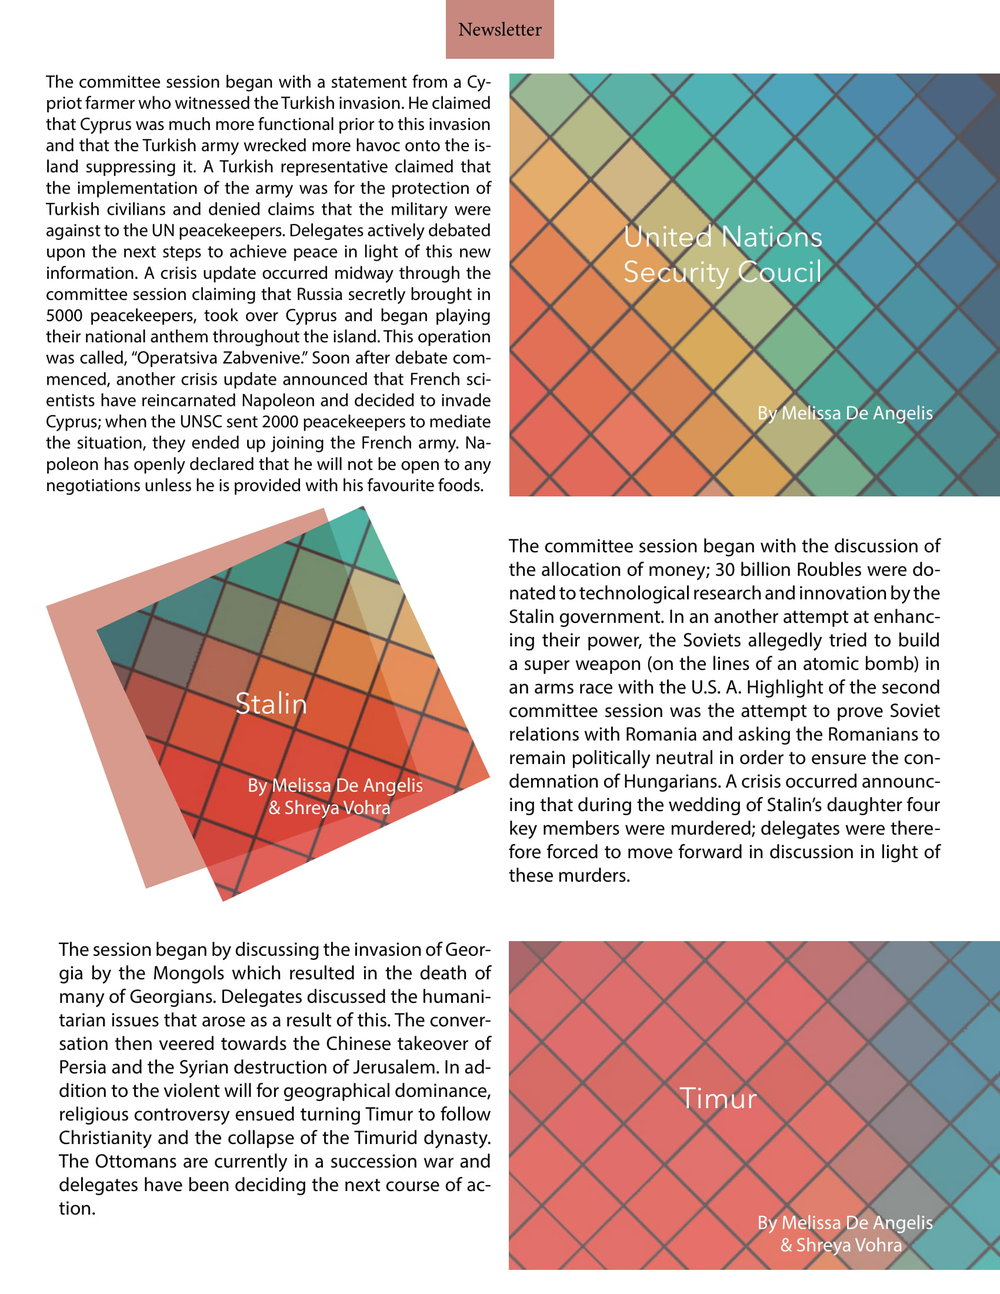 Newsletter 3-06.jpg